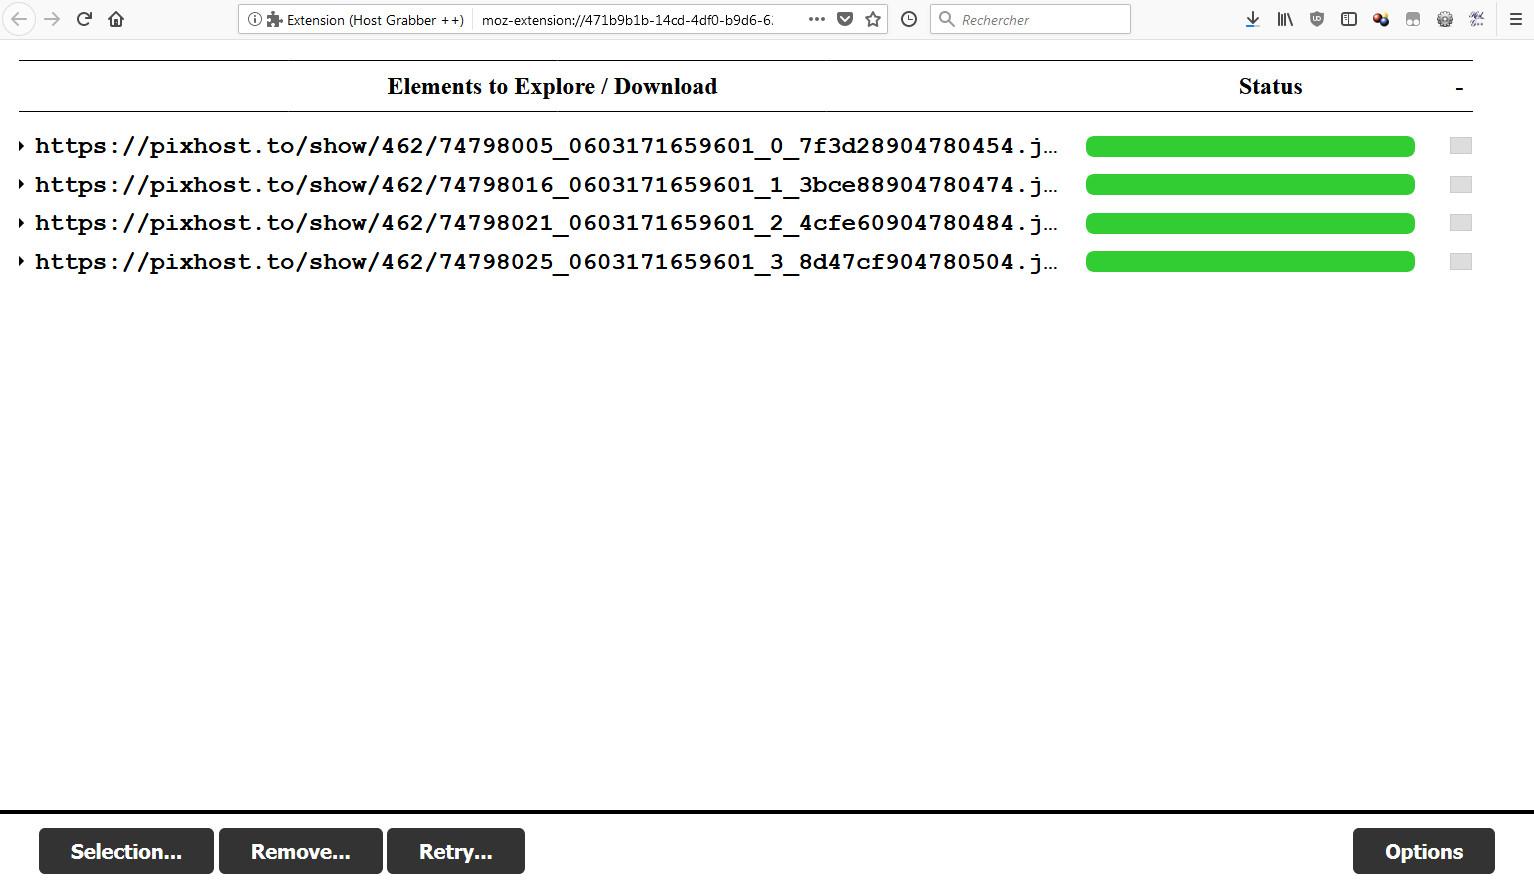 Host Grabber ++   A web extension, originally designed for